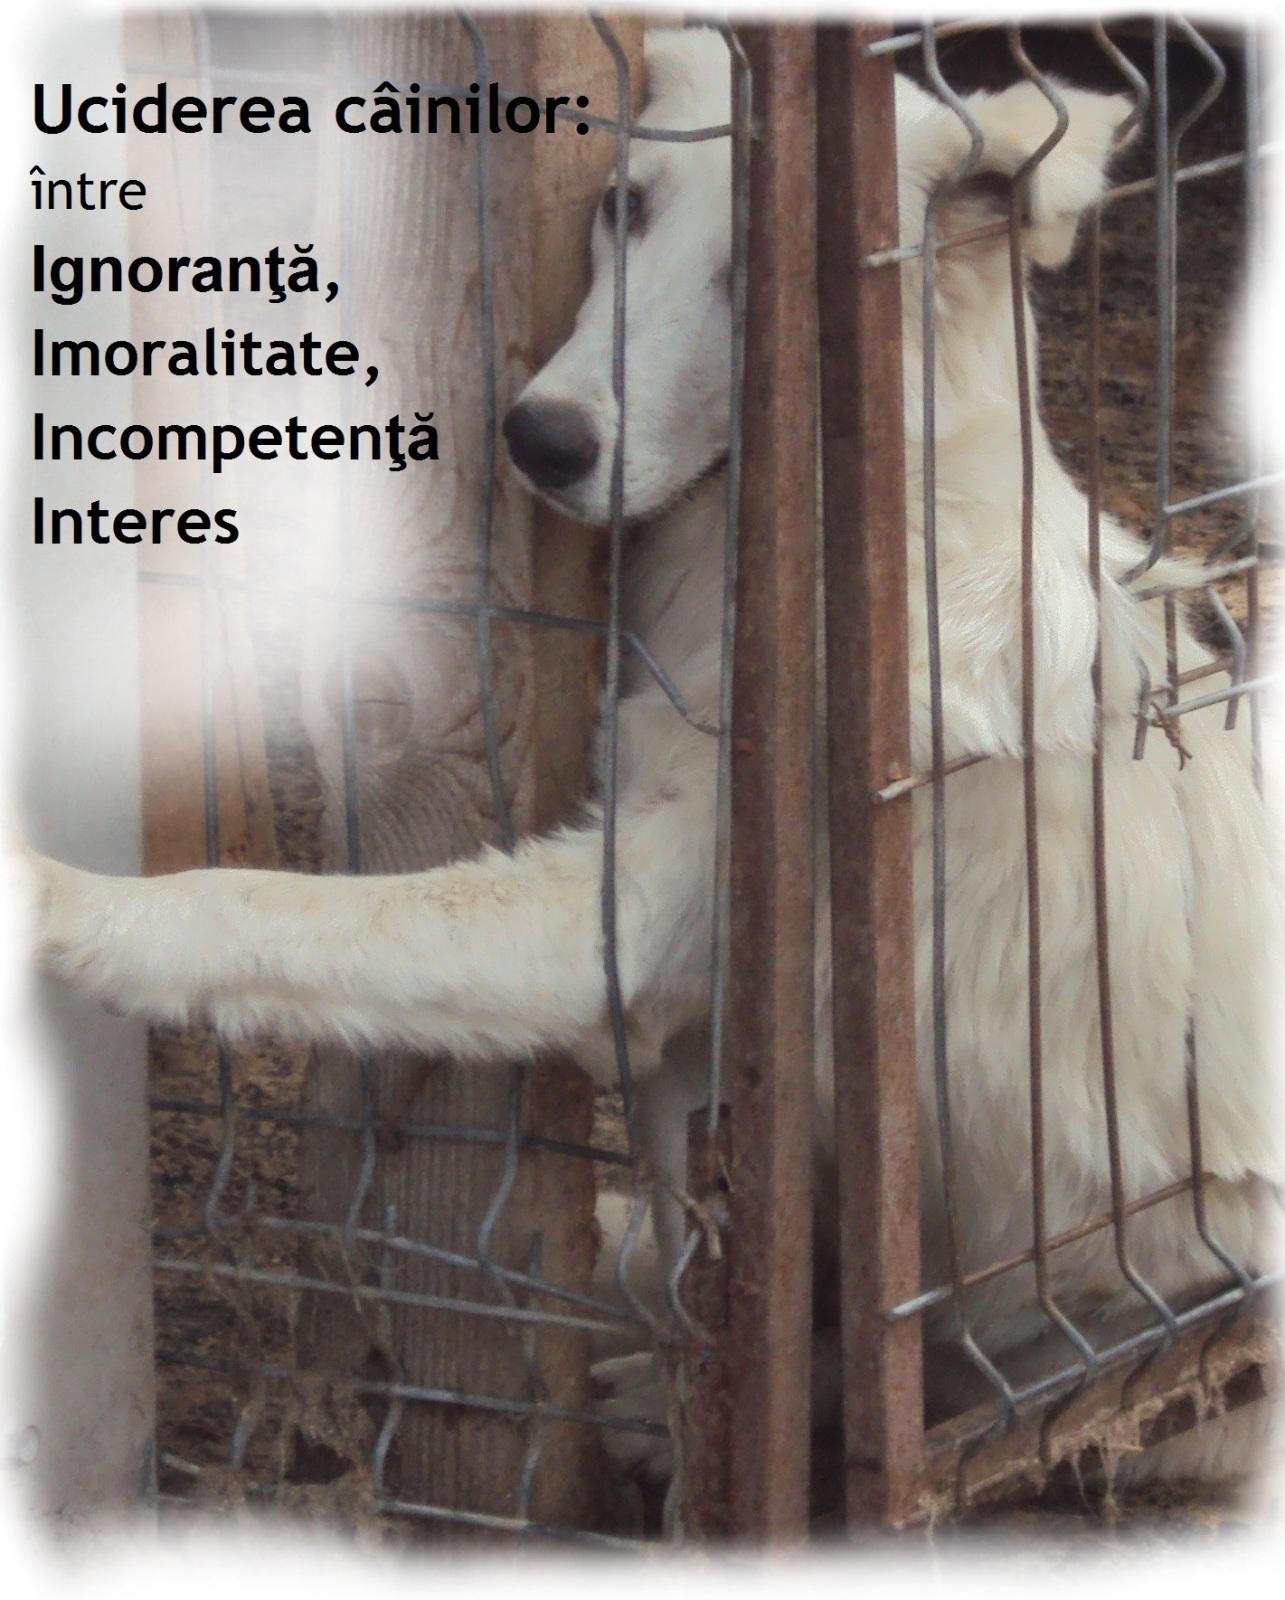 Conferinta - Uciderea cainilor: intre Ignoranta, Imoralitate, Incompetenta si Interes